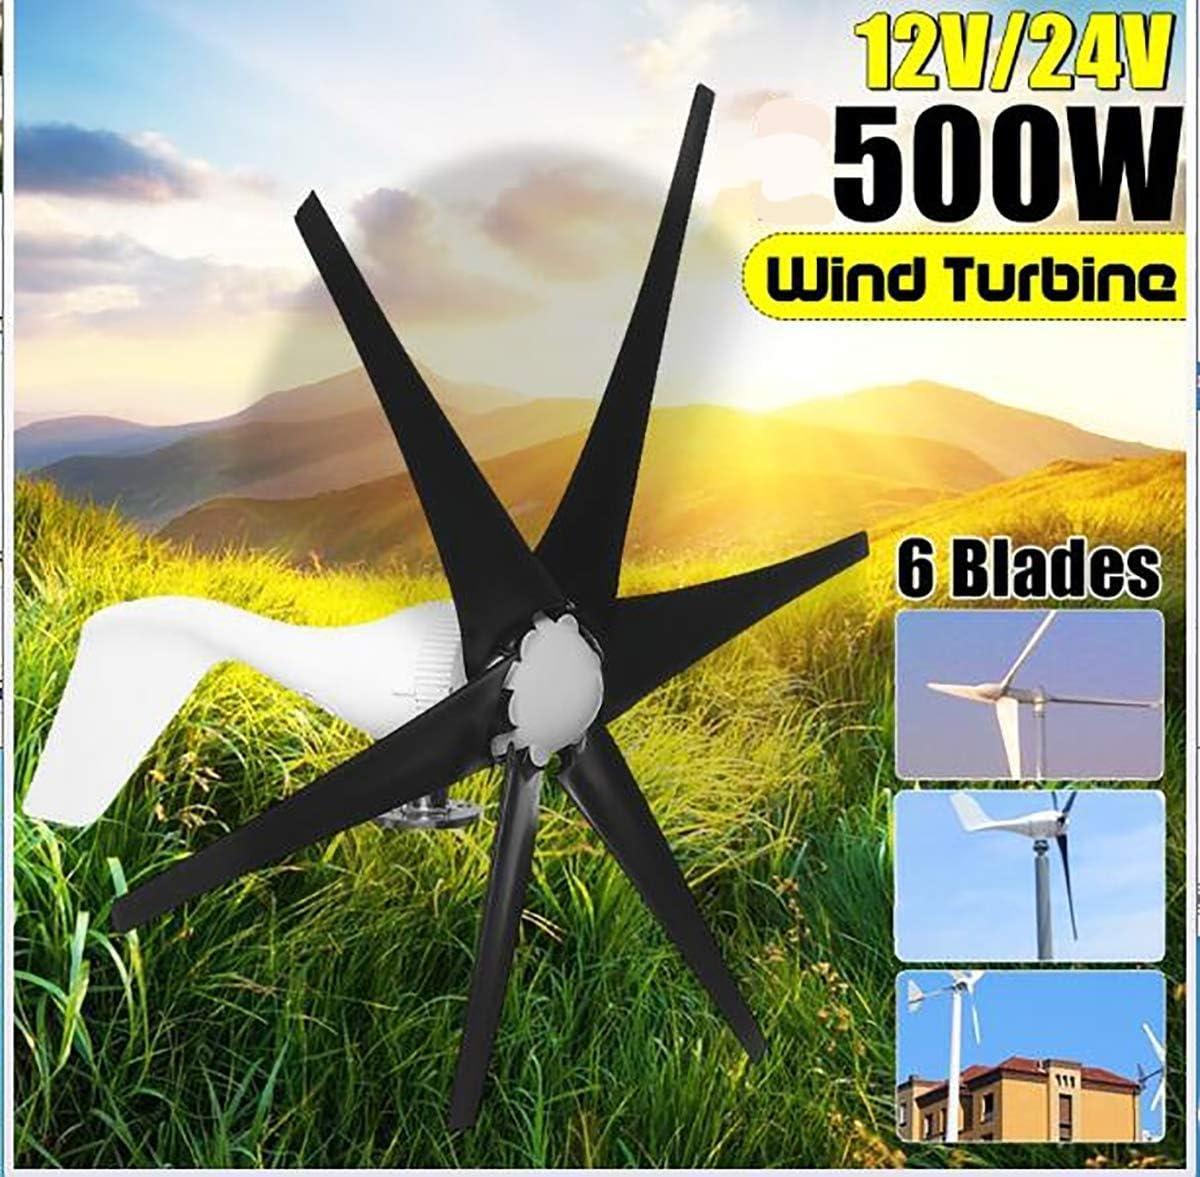 DSDD Turbinas de Viento, 500W 12V / 24 V Turbinas de Viento de 6 Palas + Controlador Generador de Viento Energía Molino de Viento Turbinas de energía Carga Hogar o Camping